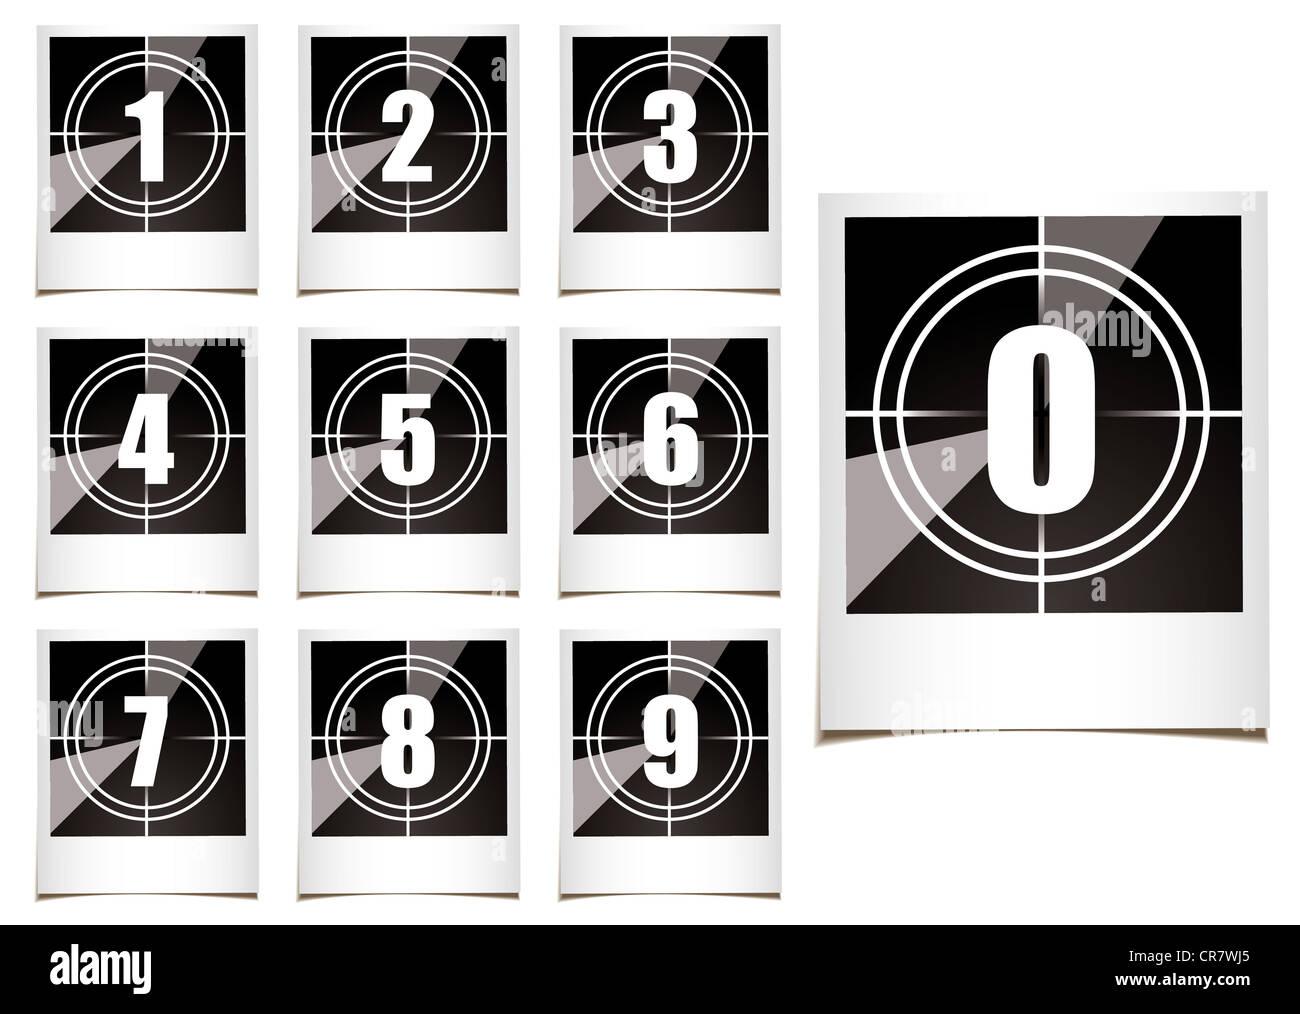 Collezione di fotografie di istantanea con film tipo count down numeri Immagini Stock